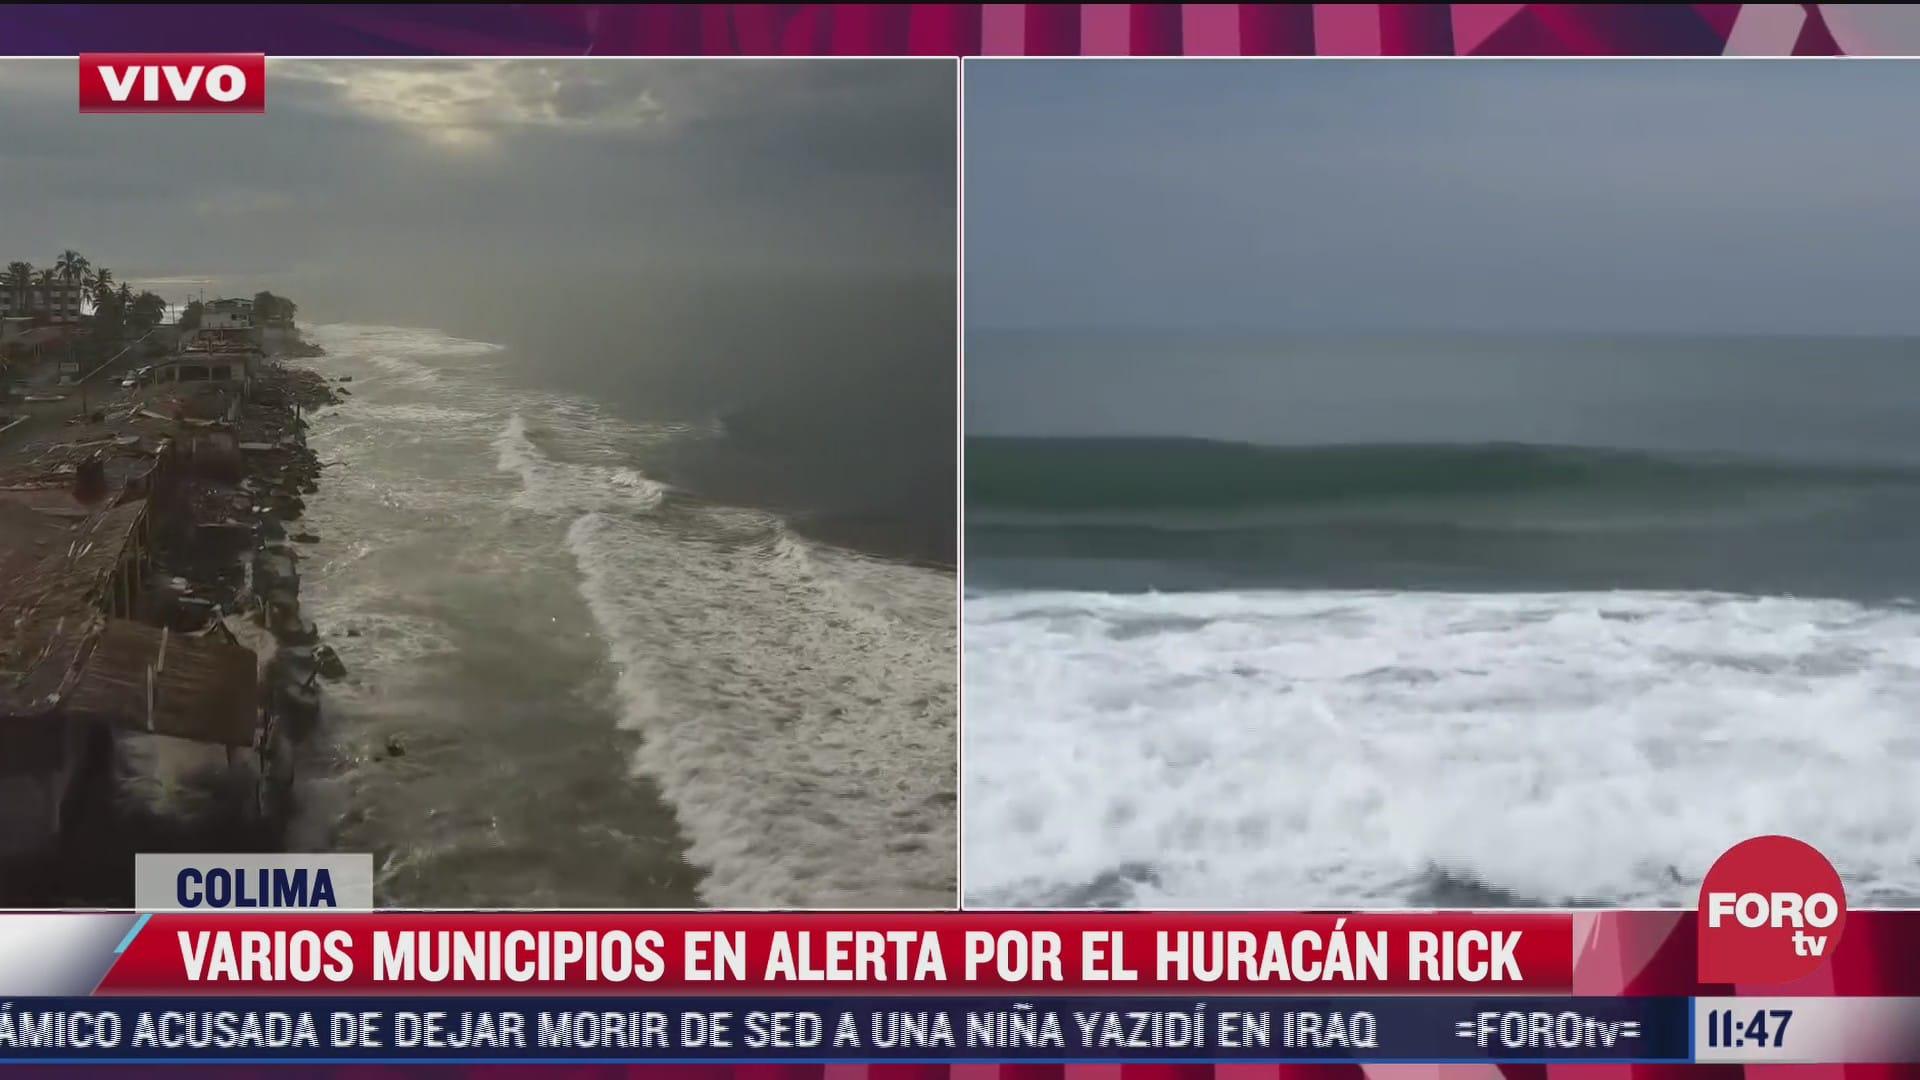 varios municipios en alerta por el huracan rick en colima